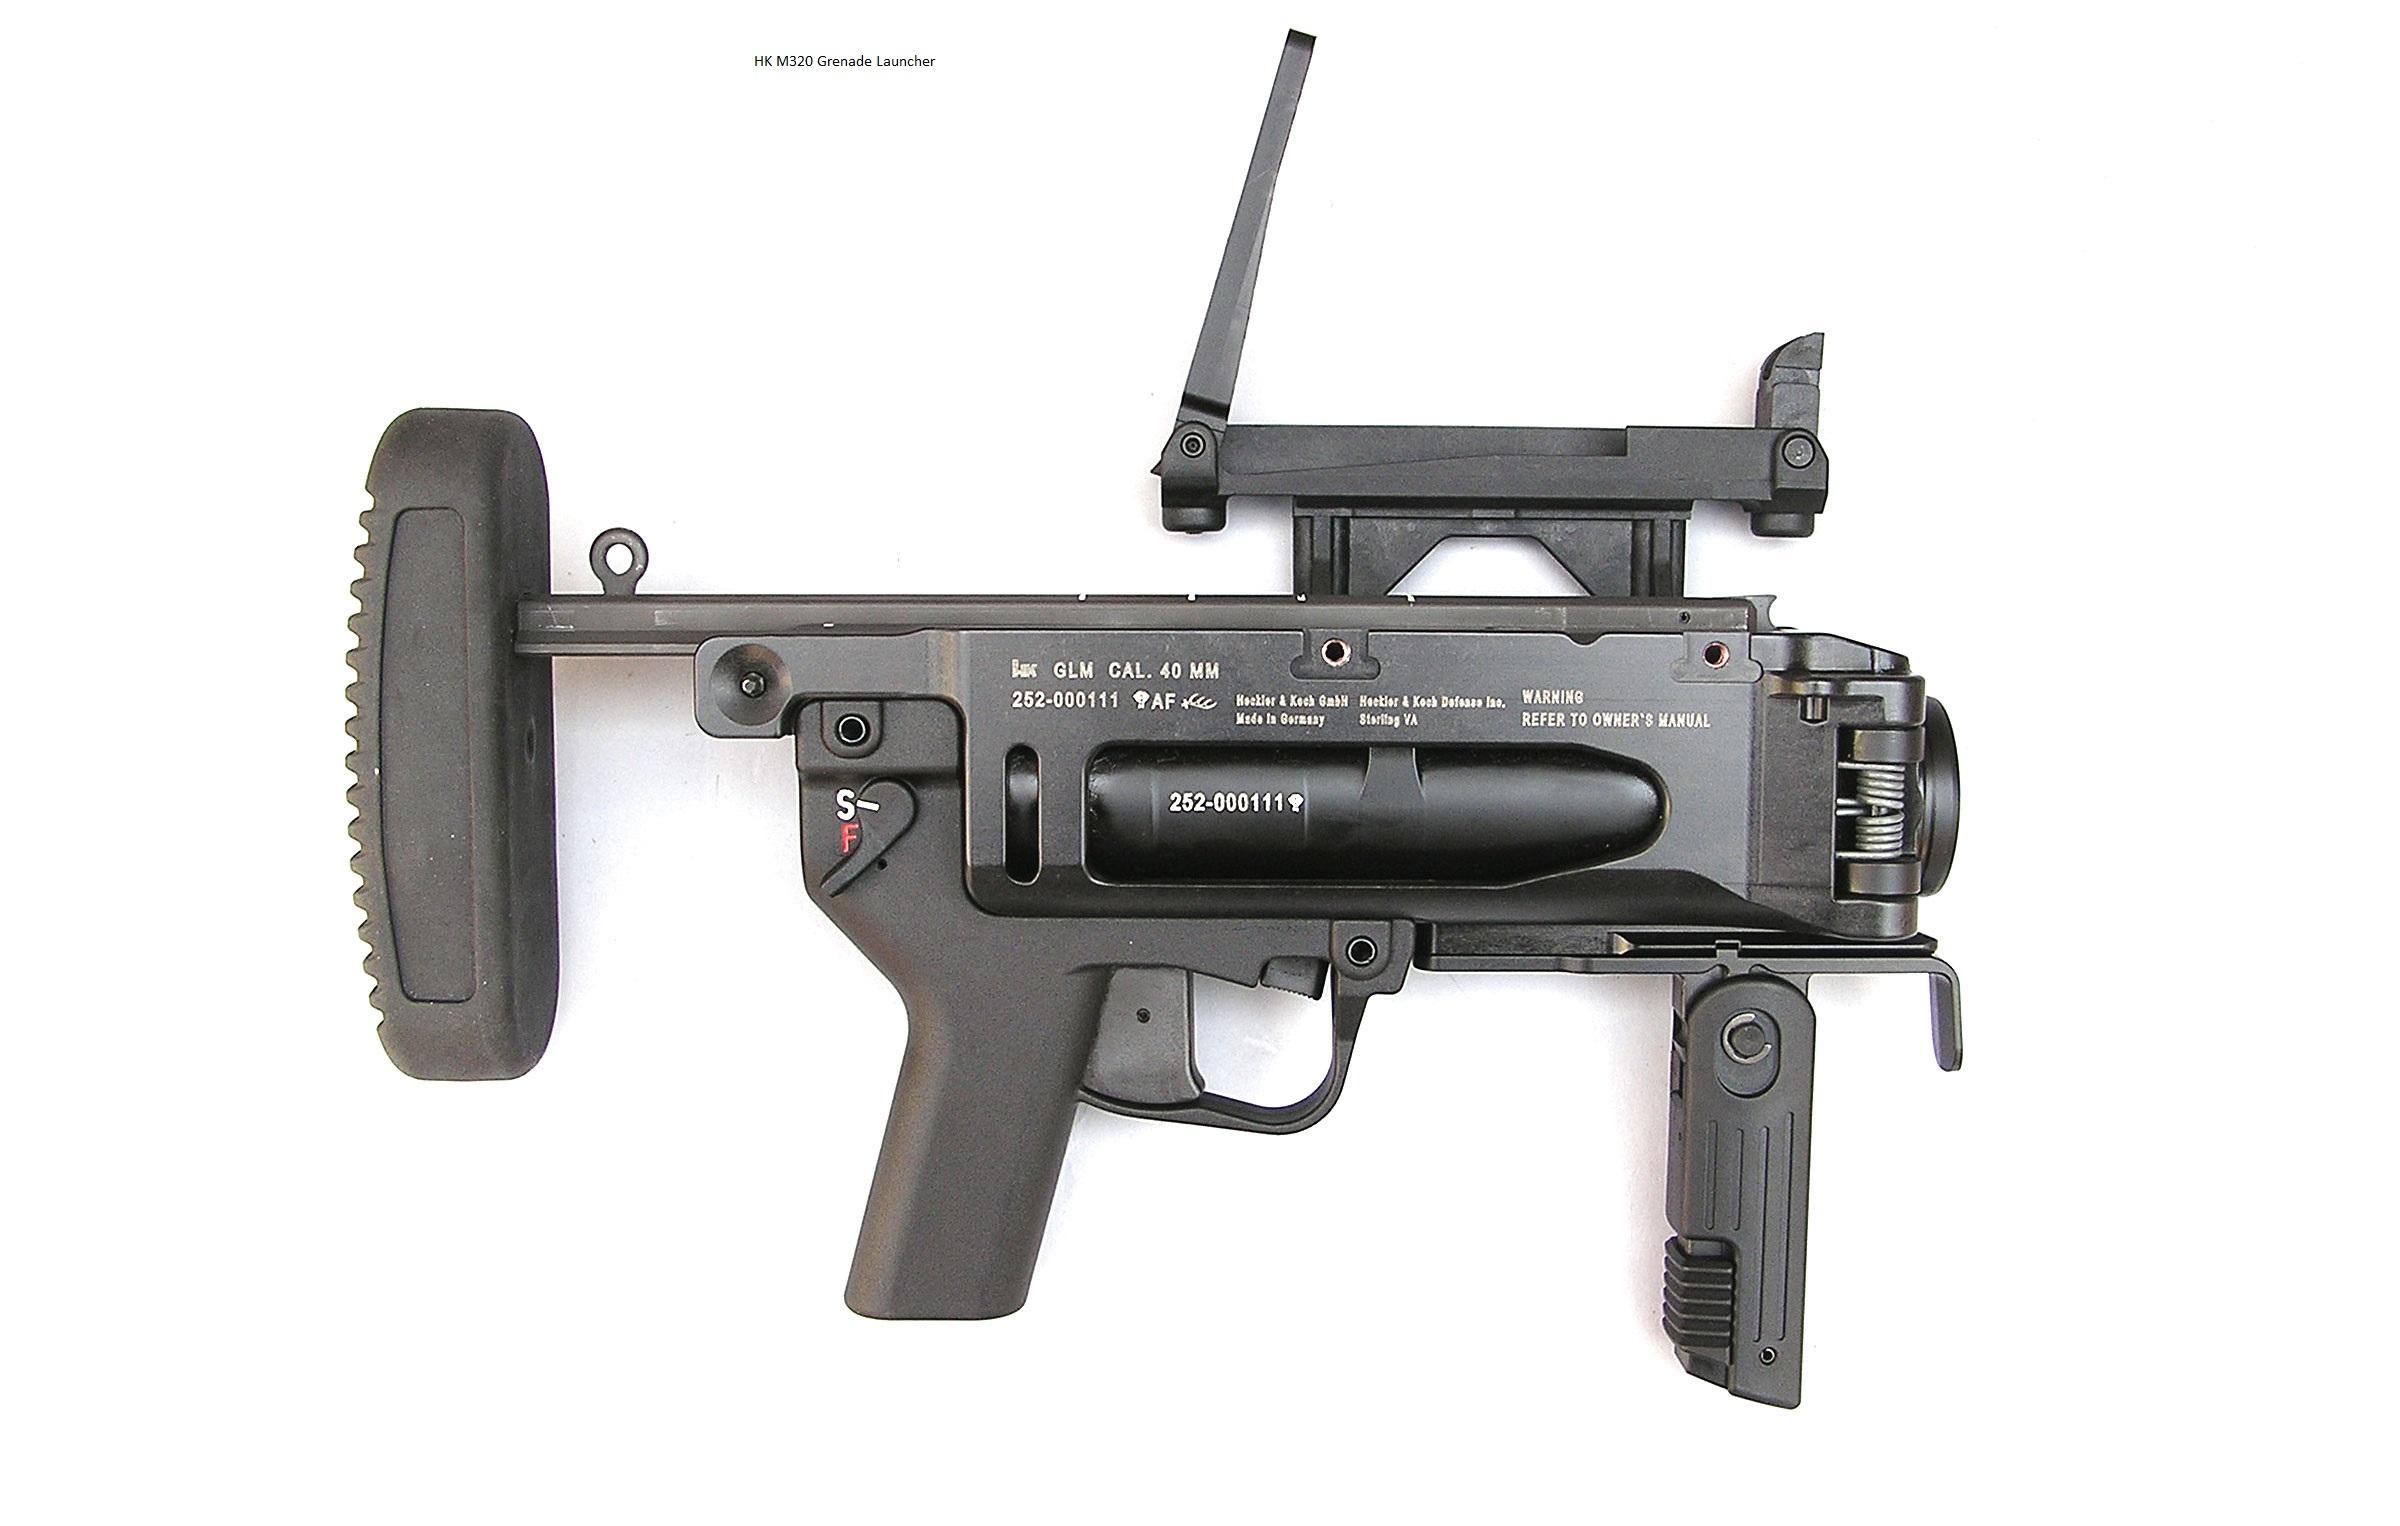 HK M320 Grenade Launcher